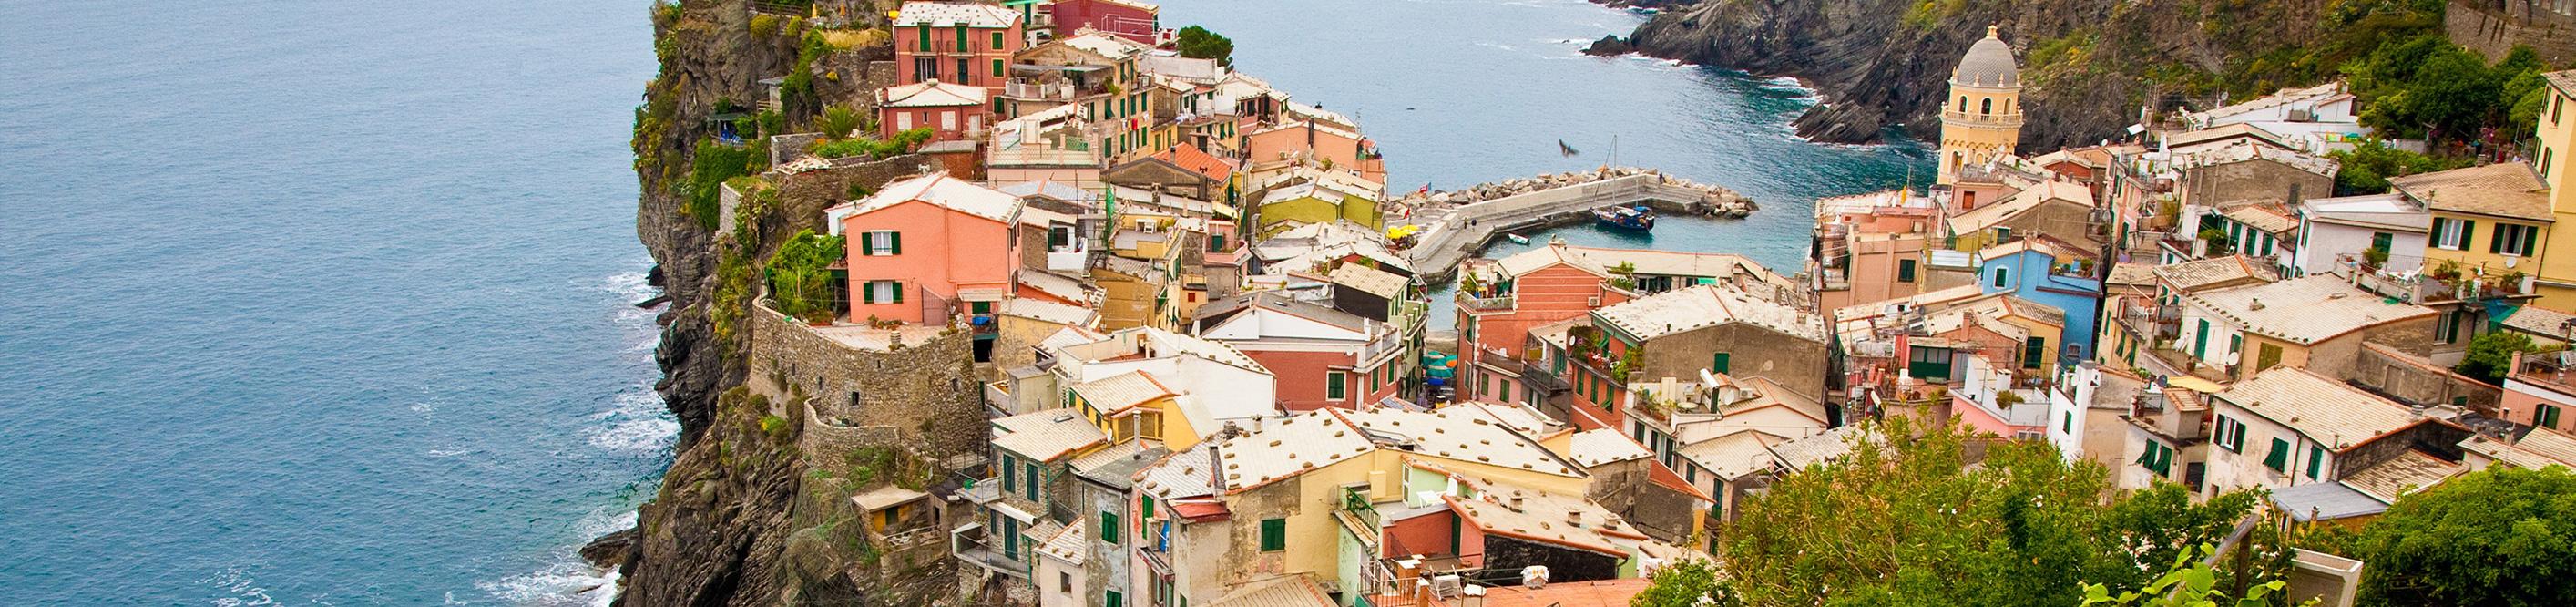 Морской круиз в Италии